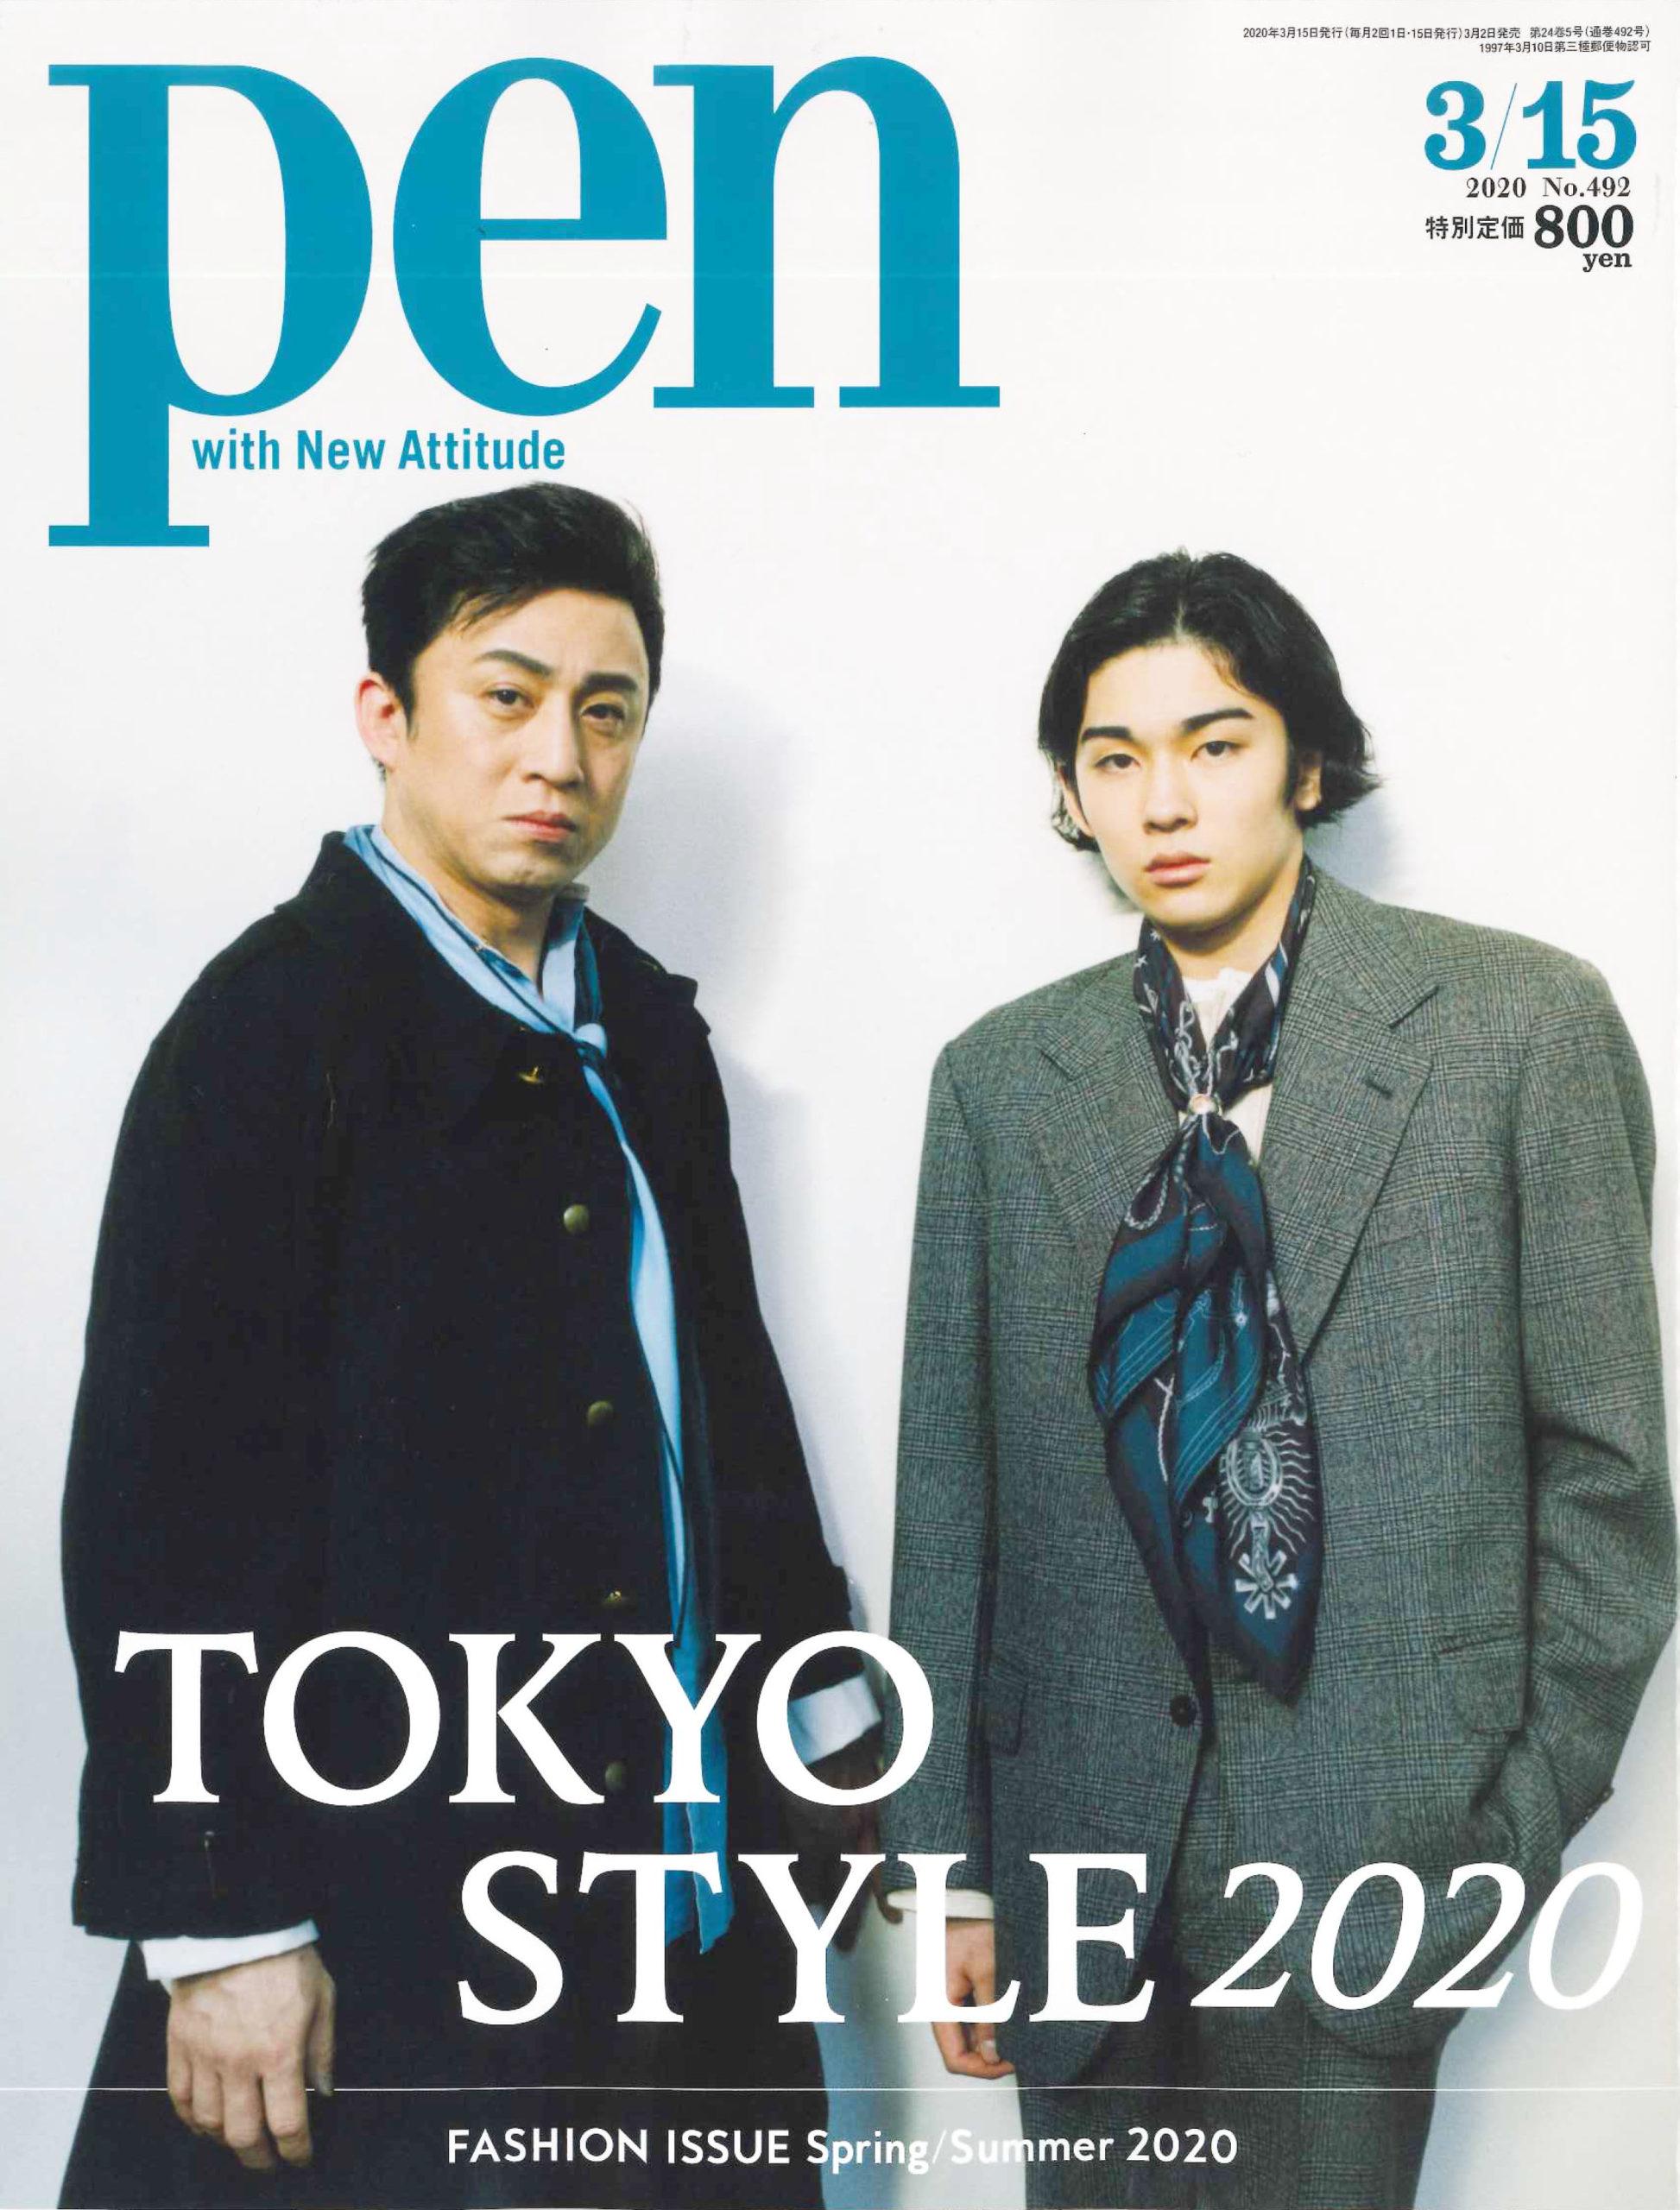 pen 2020 No.492にP.I.Dの新シリーズ ゴートレザートートが掲載されました。